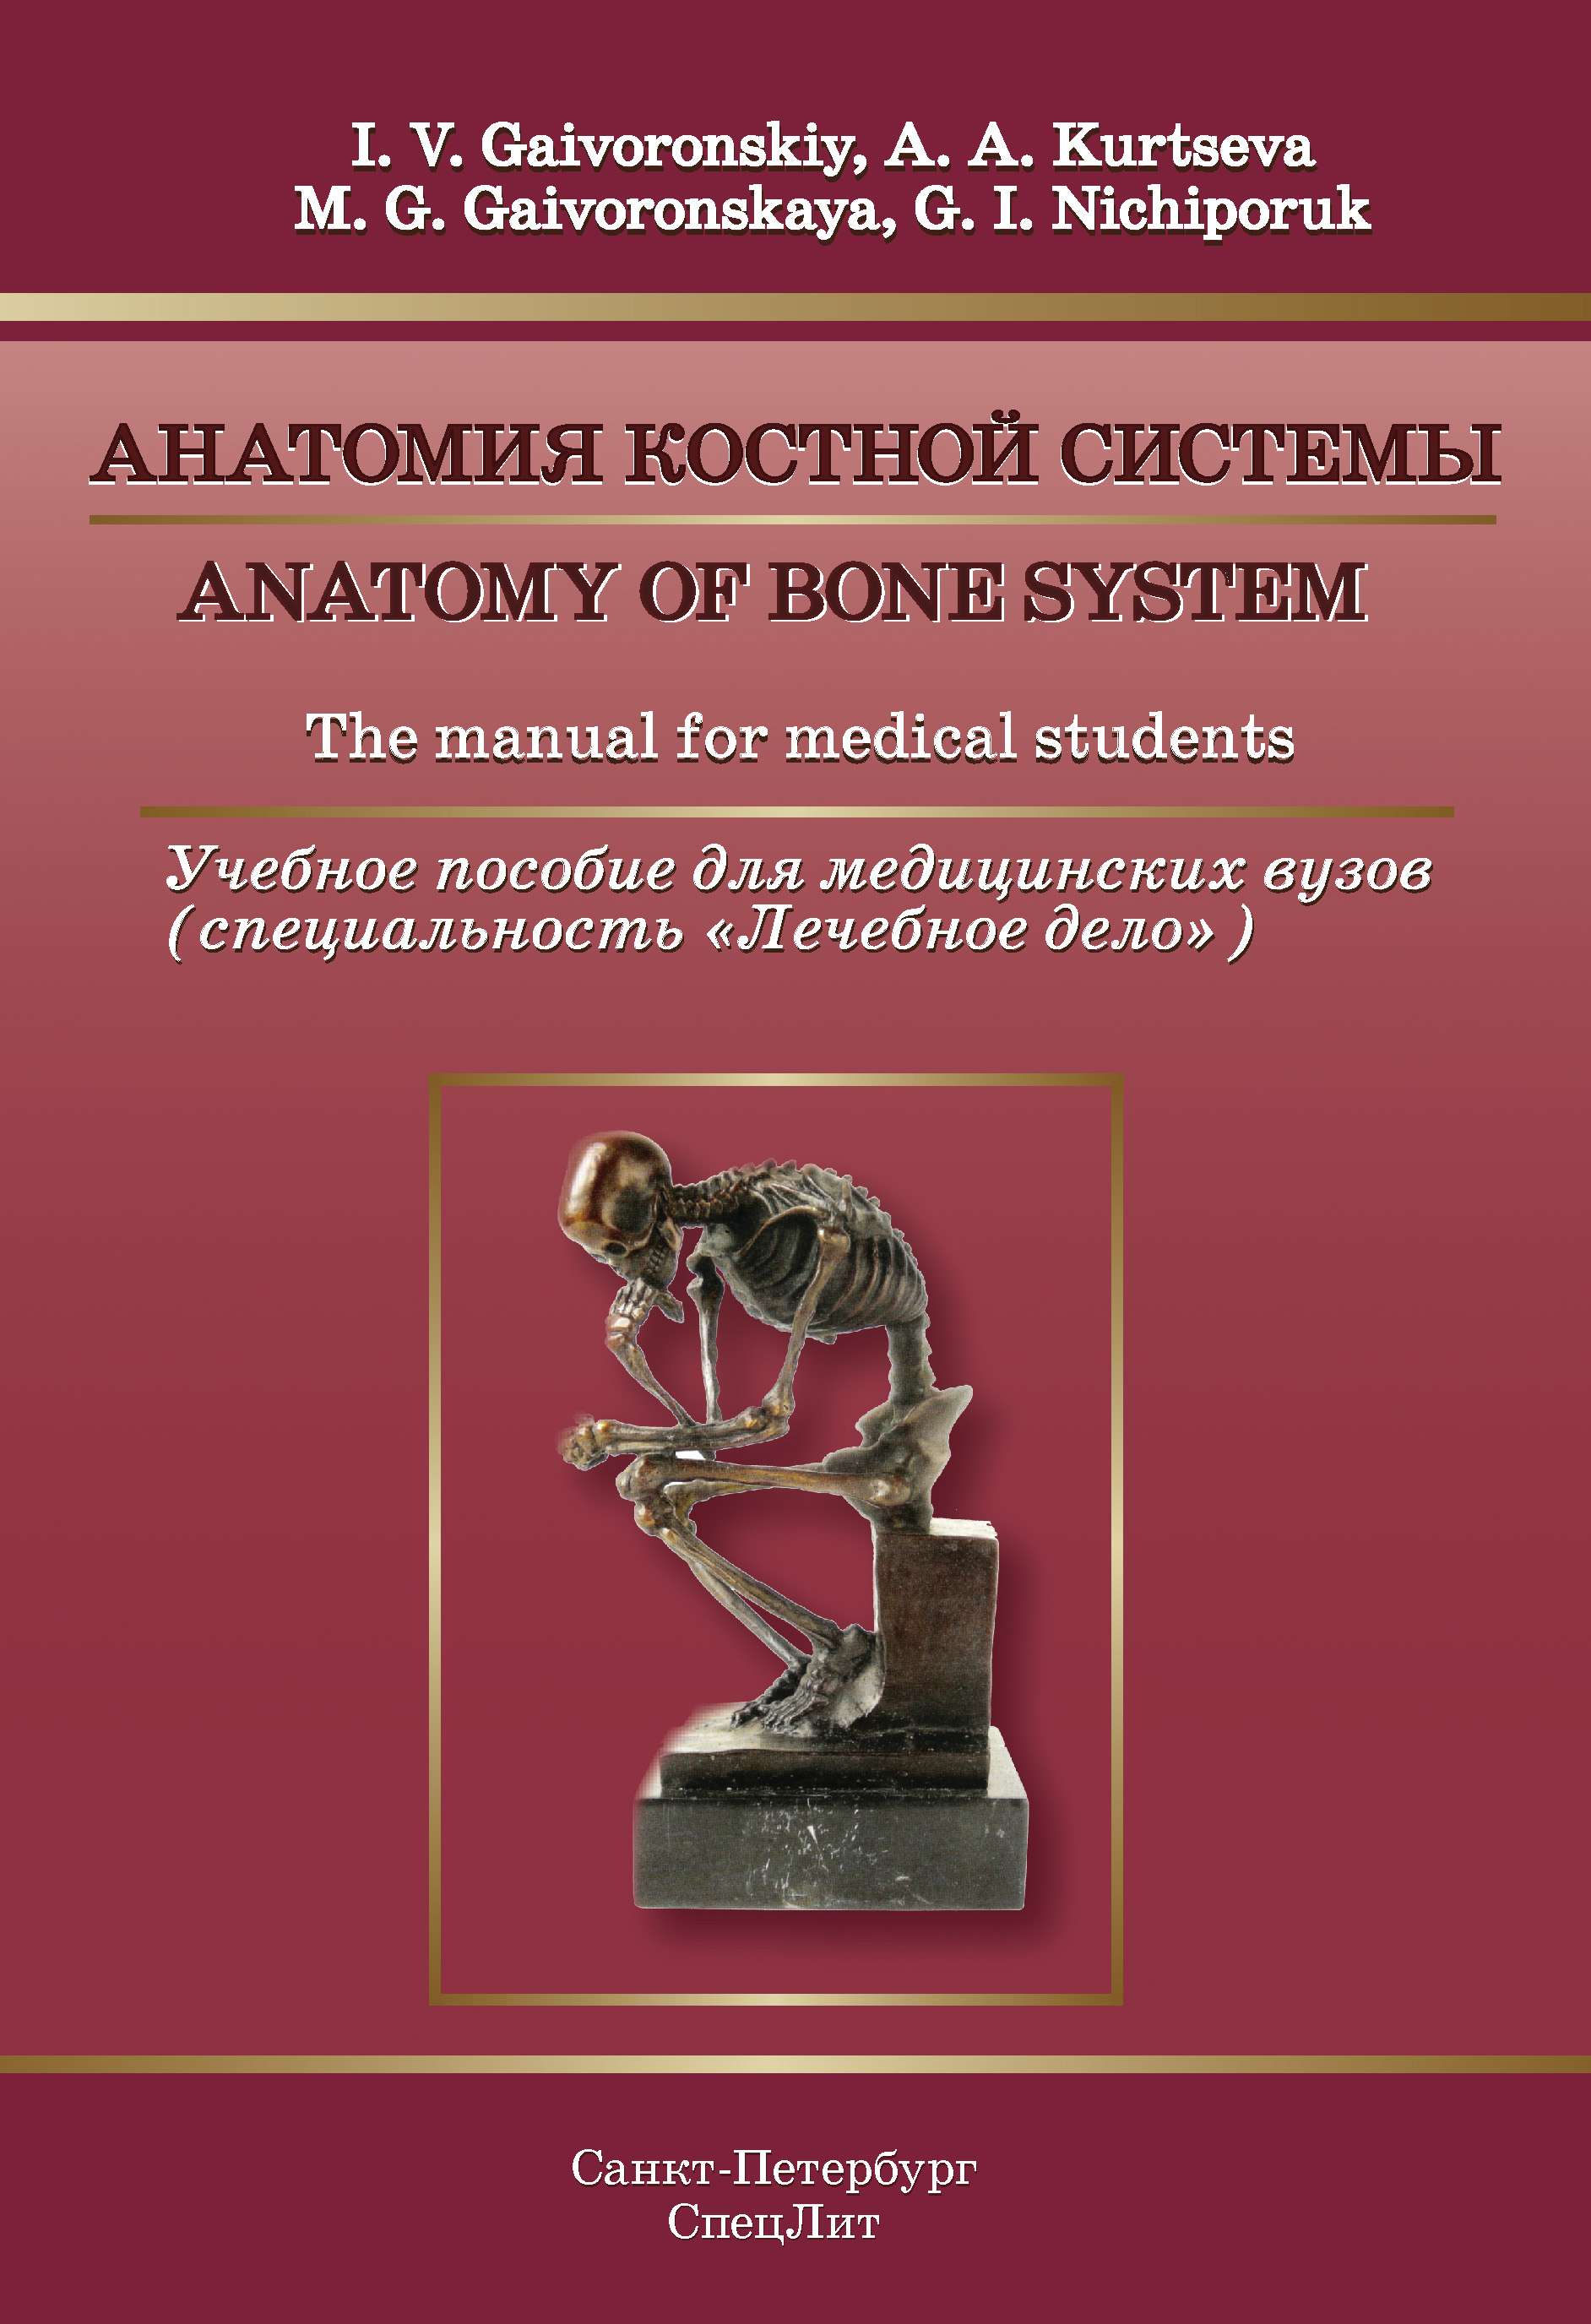 Г. И. Ничипорук Anatomy of bone system. The manual for medical students / Анатомия костной системы. Учебное пособие для медицинских вузов